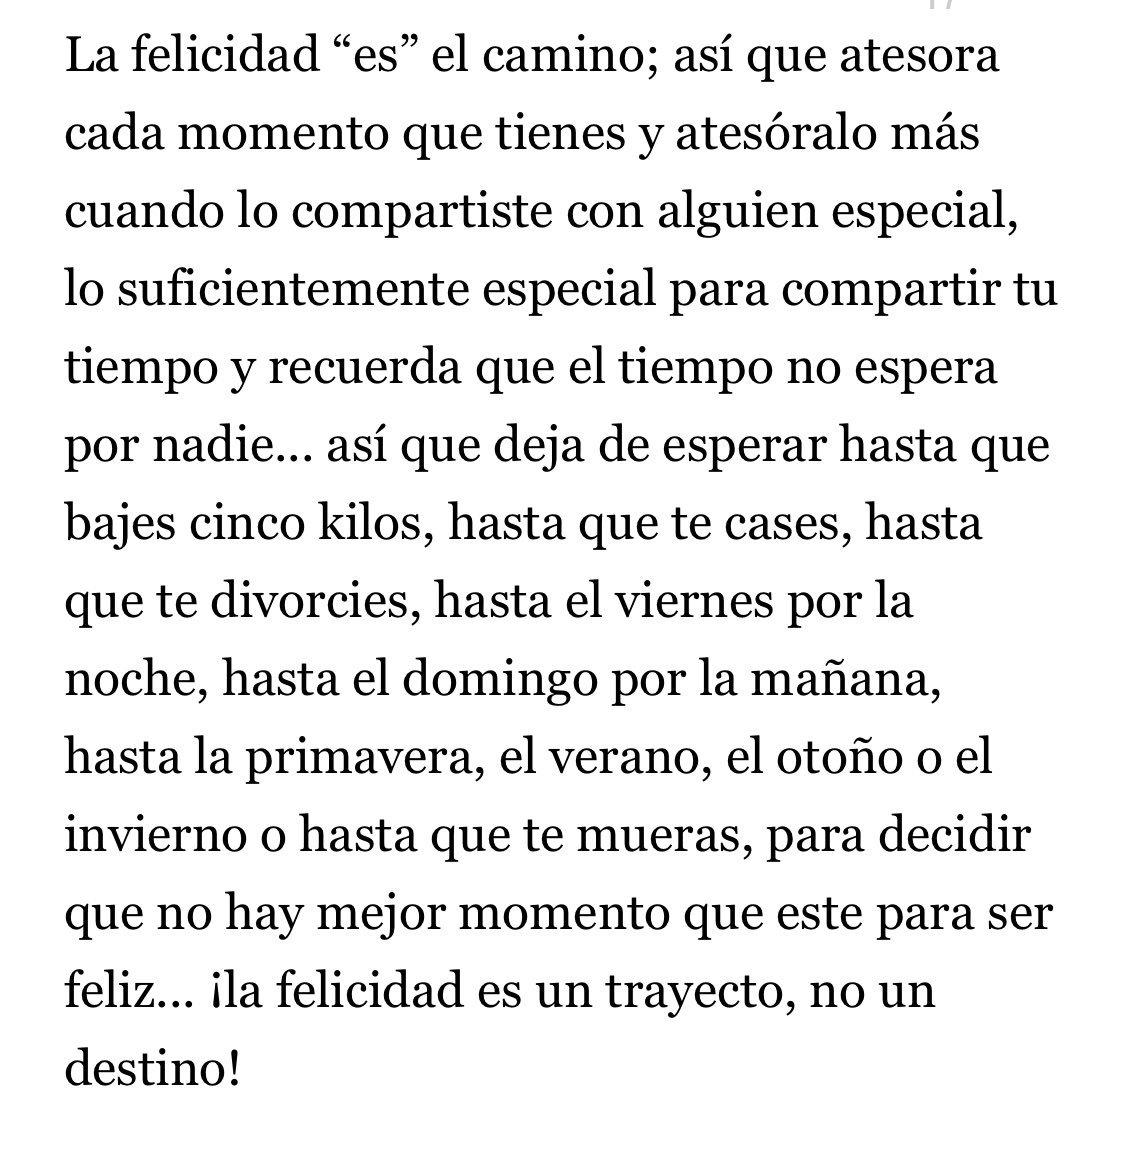 Jorge Berrospe On Twitter La Felicidad Es Un Trayecto No Un Destino Eduardo Galeano